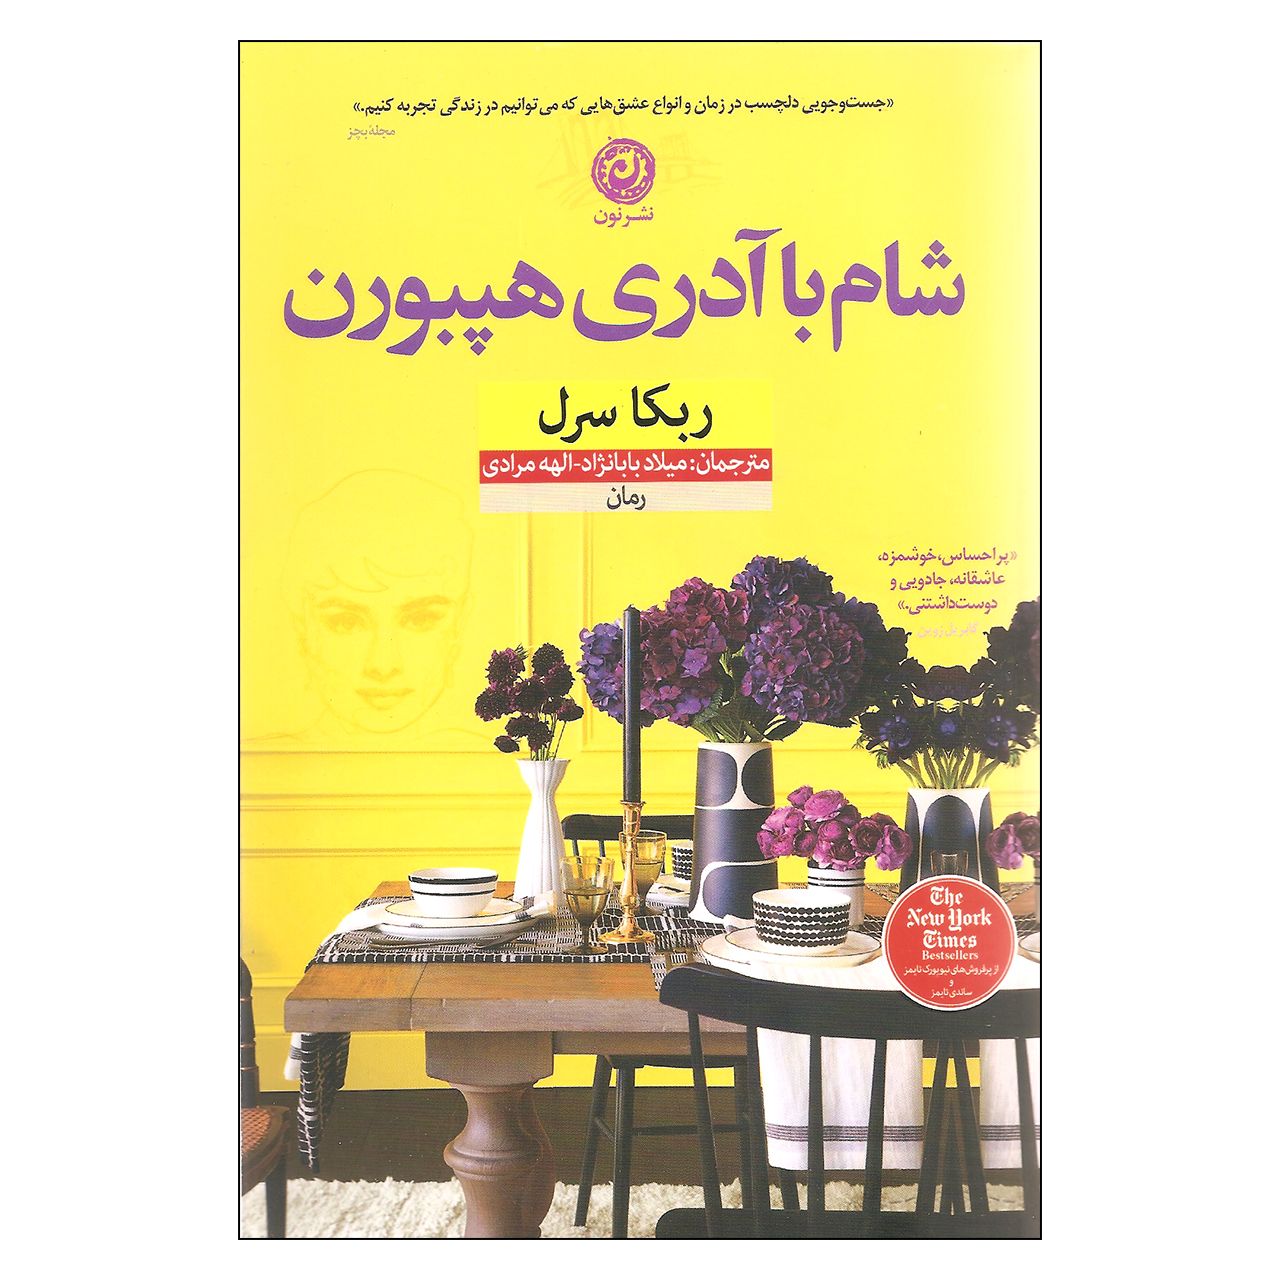 کتاب شام با آدری هپبورن اثر ربکا سرل نشر نون